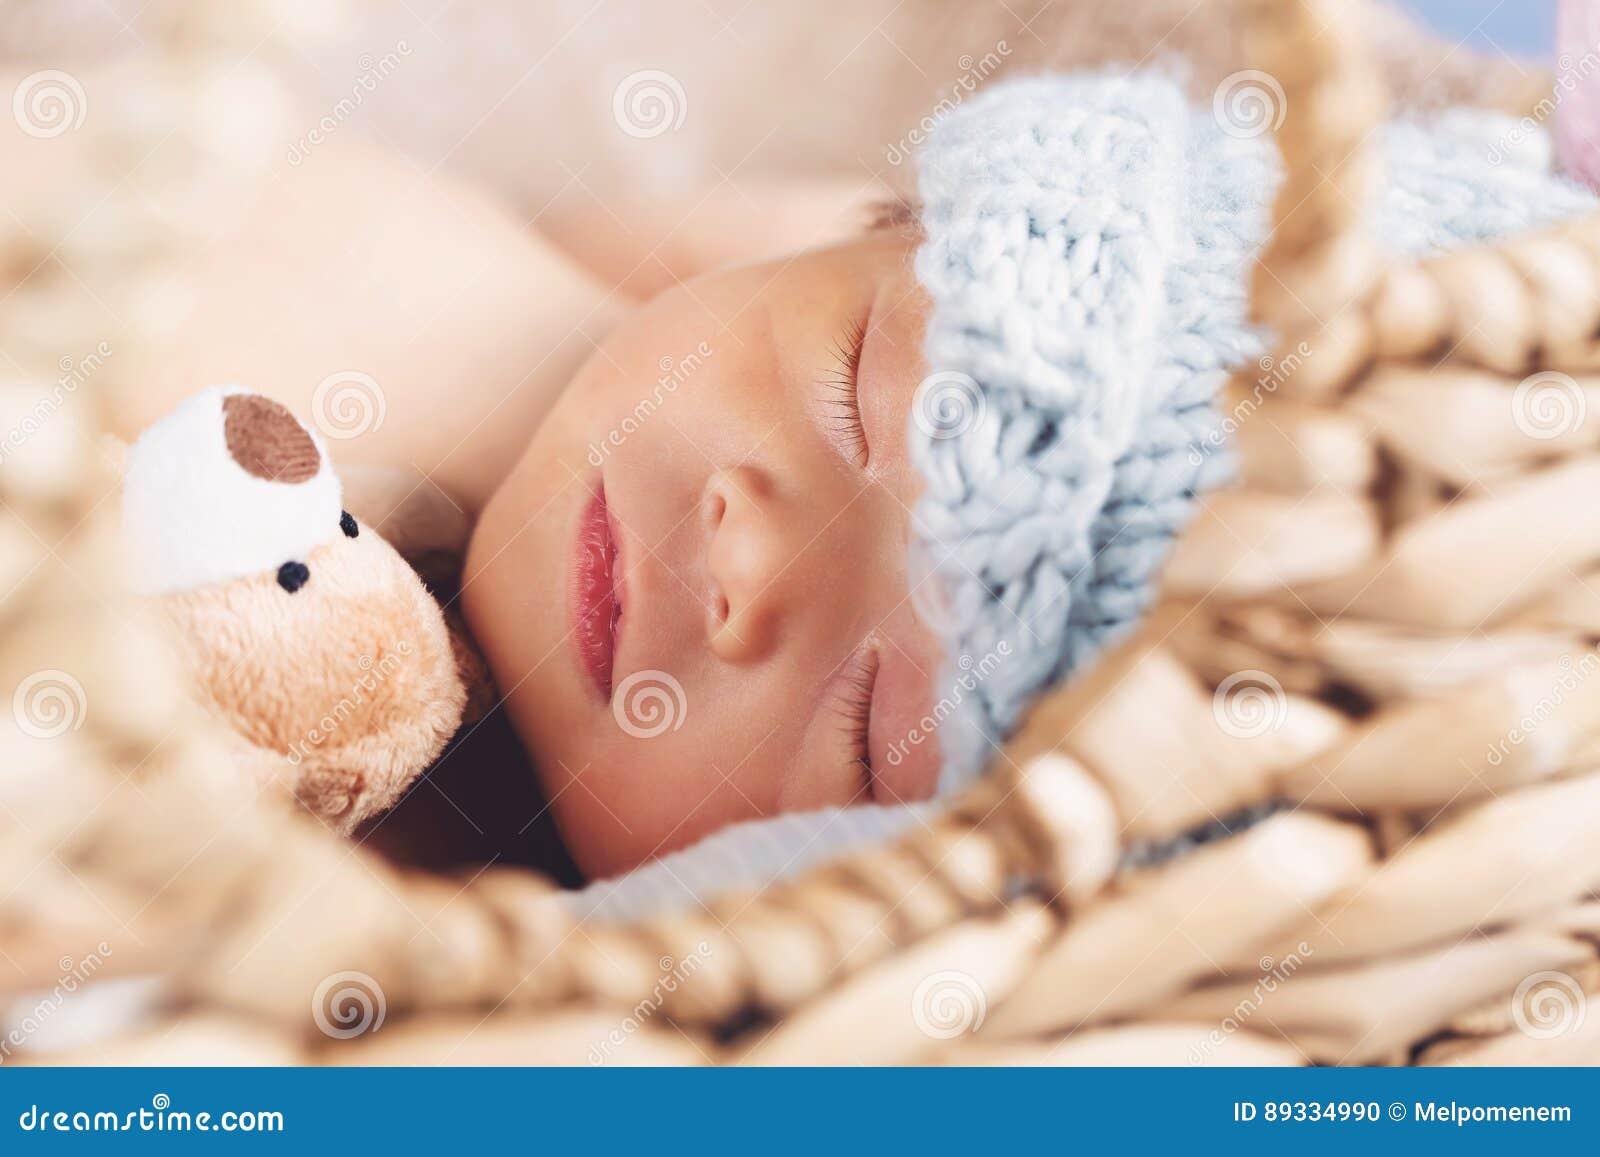 Νεογέννητο αγοράκι σε ένα καλάθι